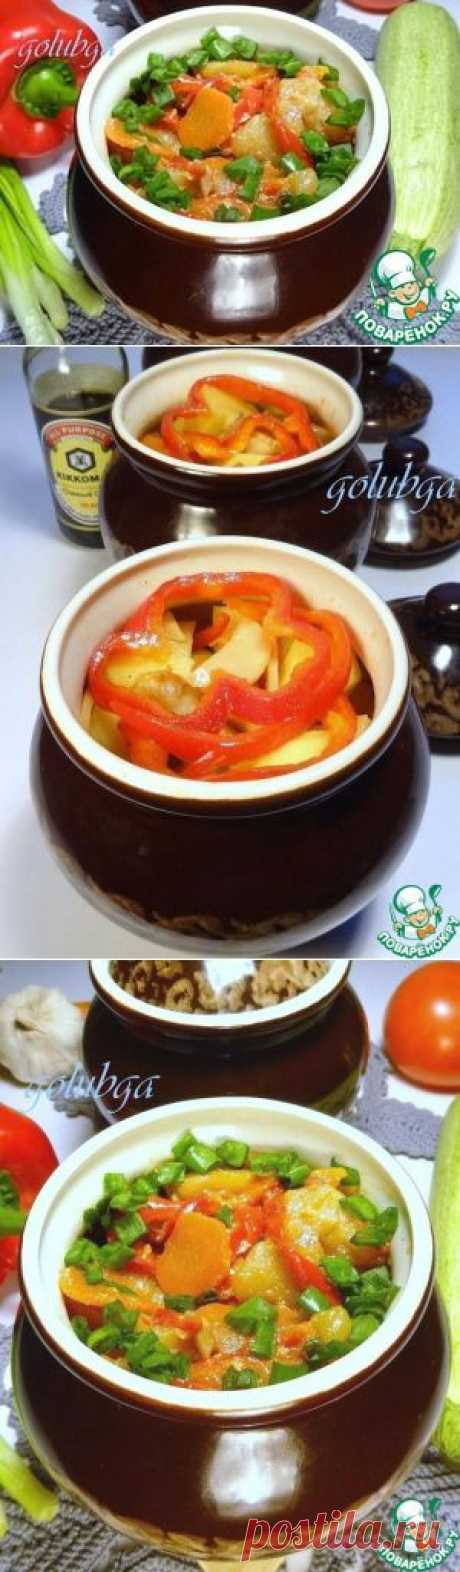 Картофель в горшочках - кулинарный рецепт